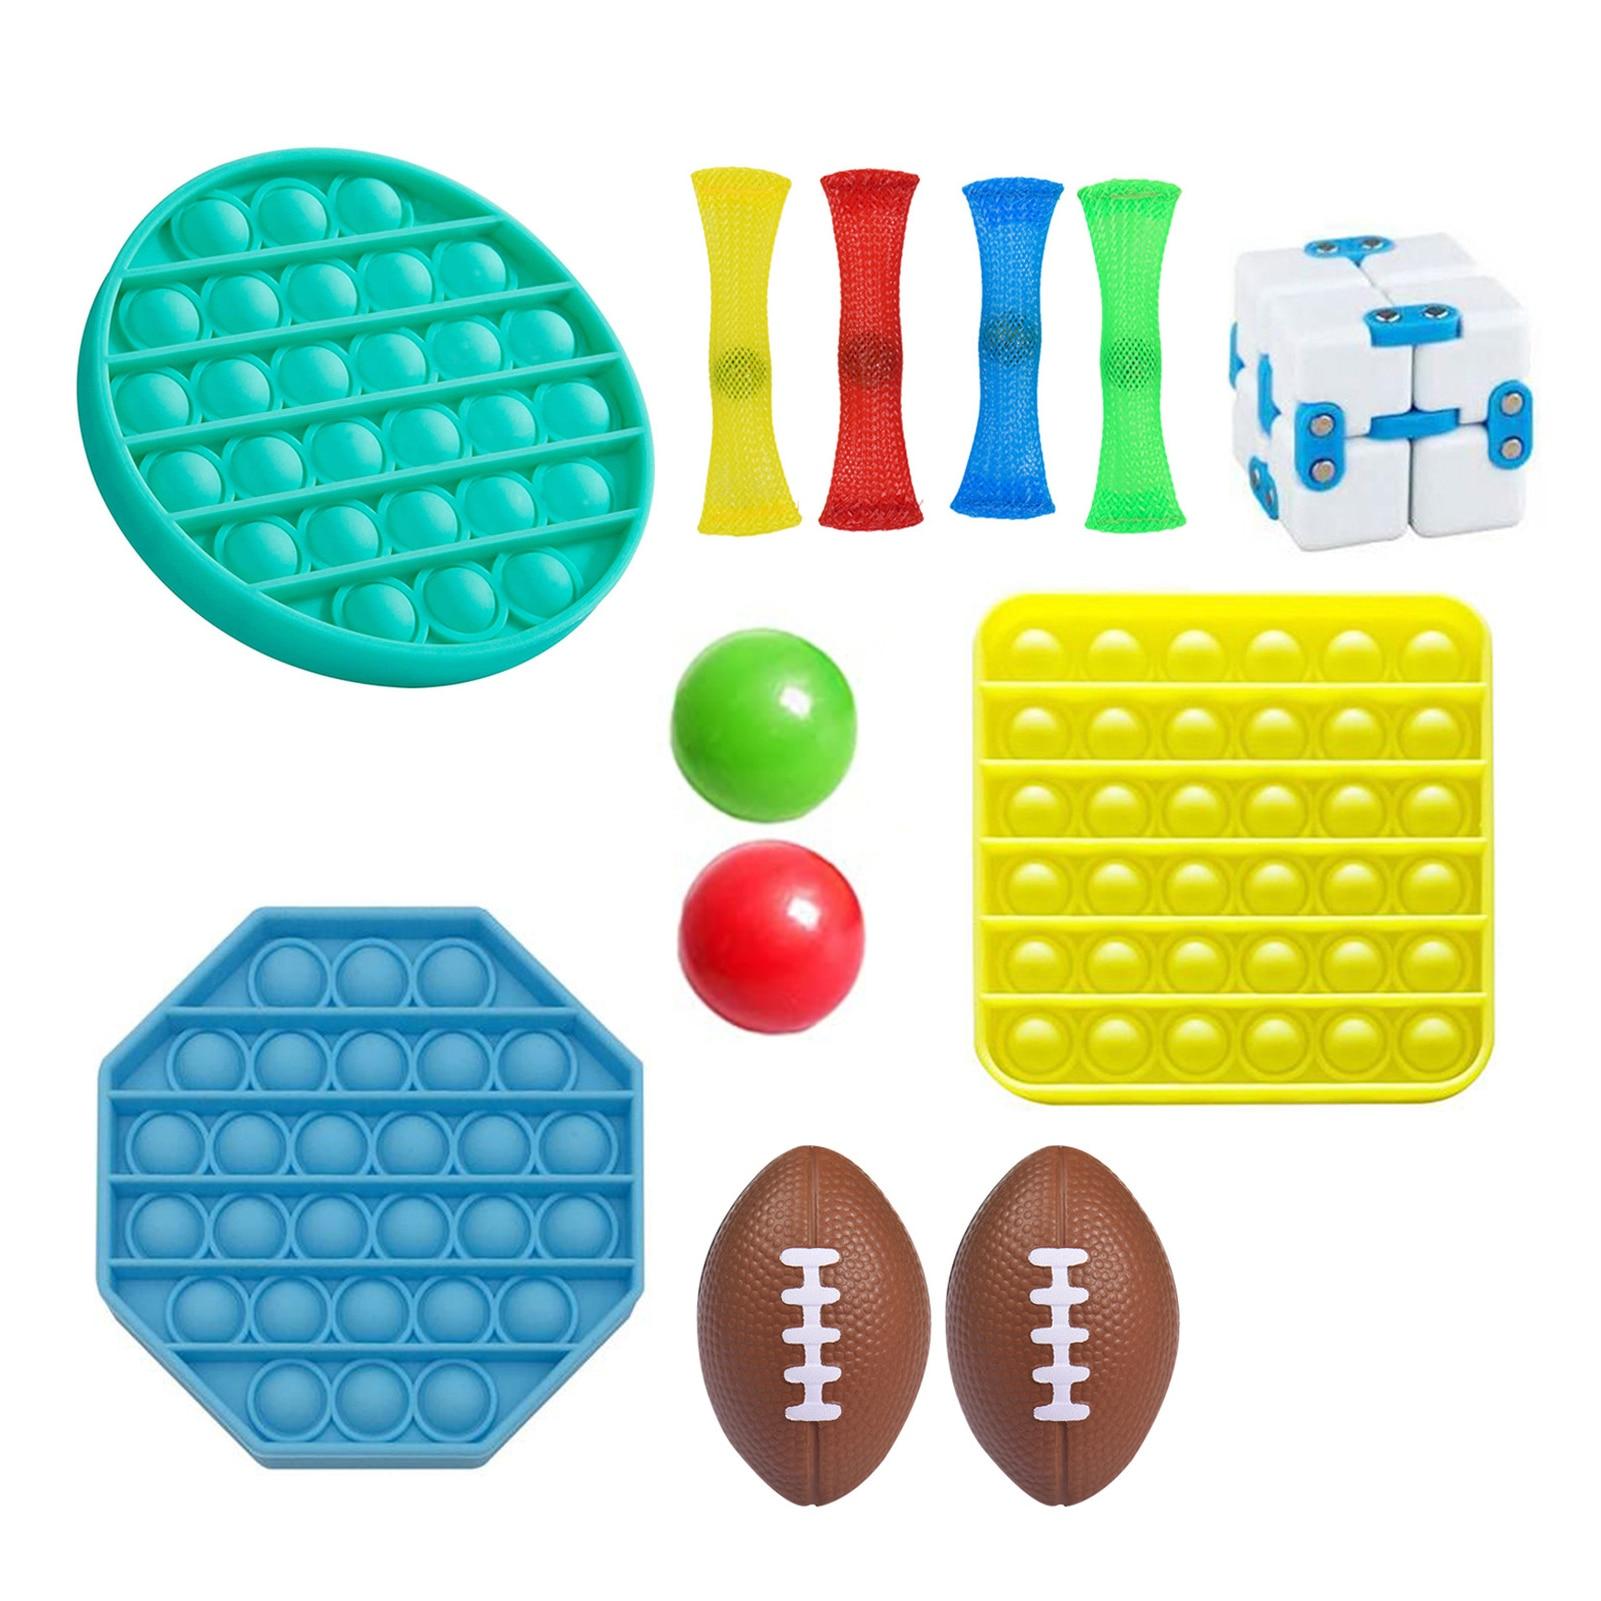 Sensoriel Fidget jouets ensemble soulagement du Stress jouets à main pour adultes enfants sensoriel Fidget jouets ensemble soulagement du Stress jouets à main pour adultes enfants